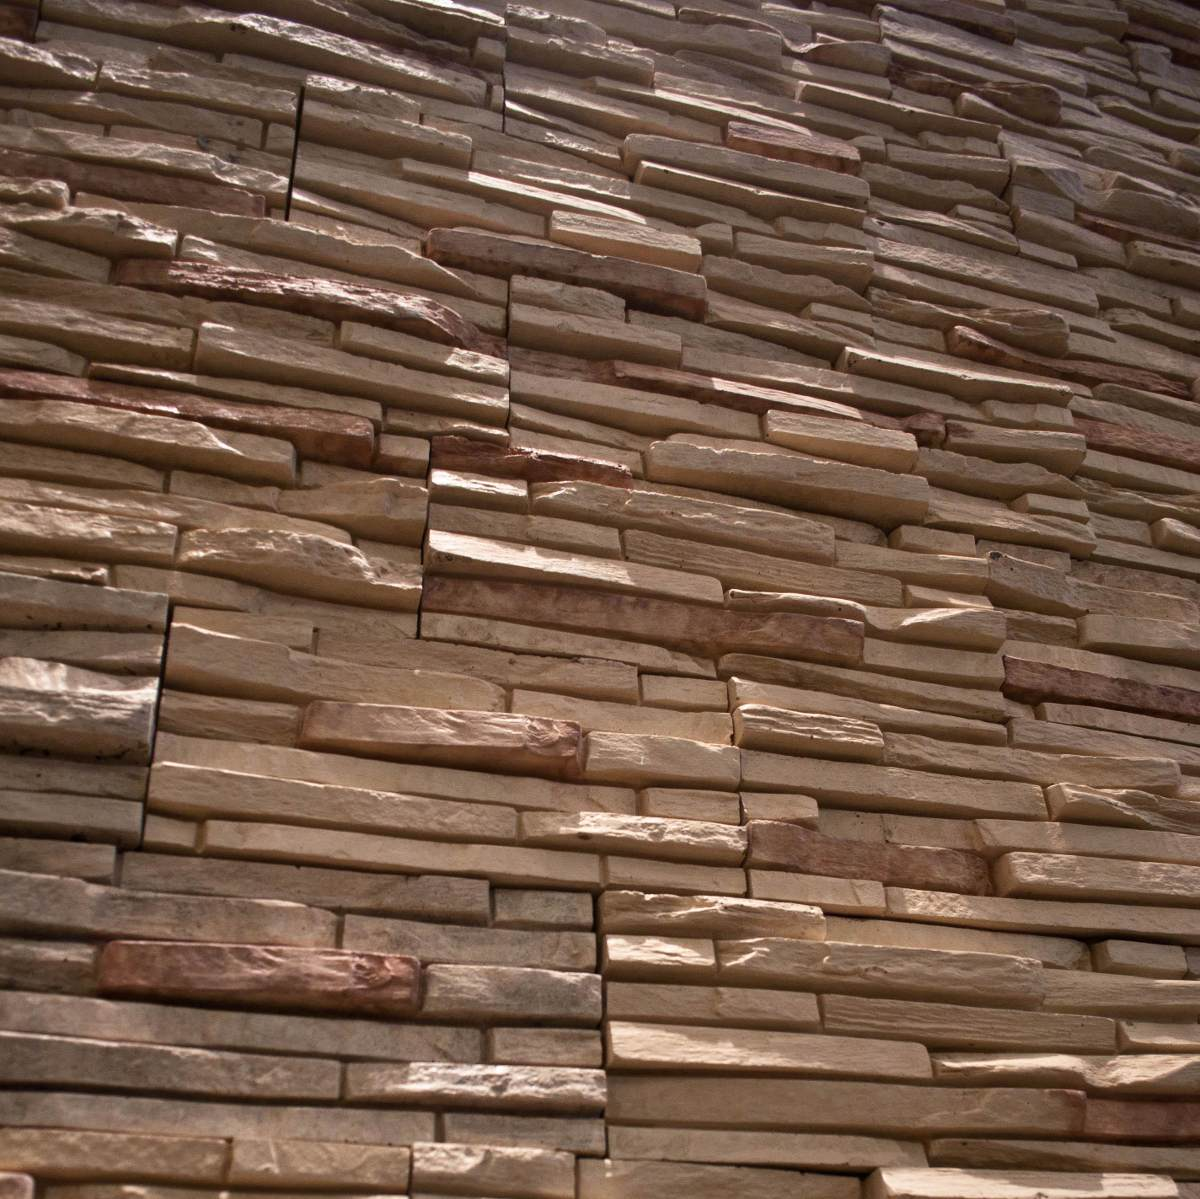 De madera para paredes interiores latest paneles de for Paneles madera paredes interiores